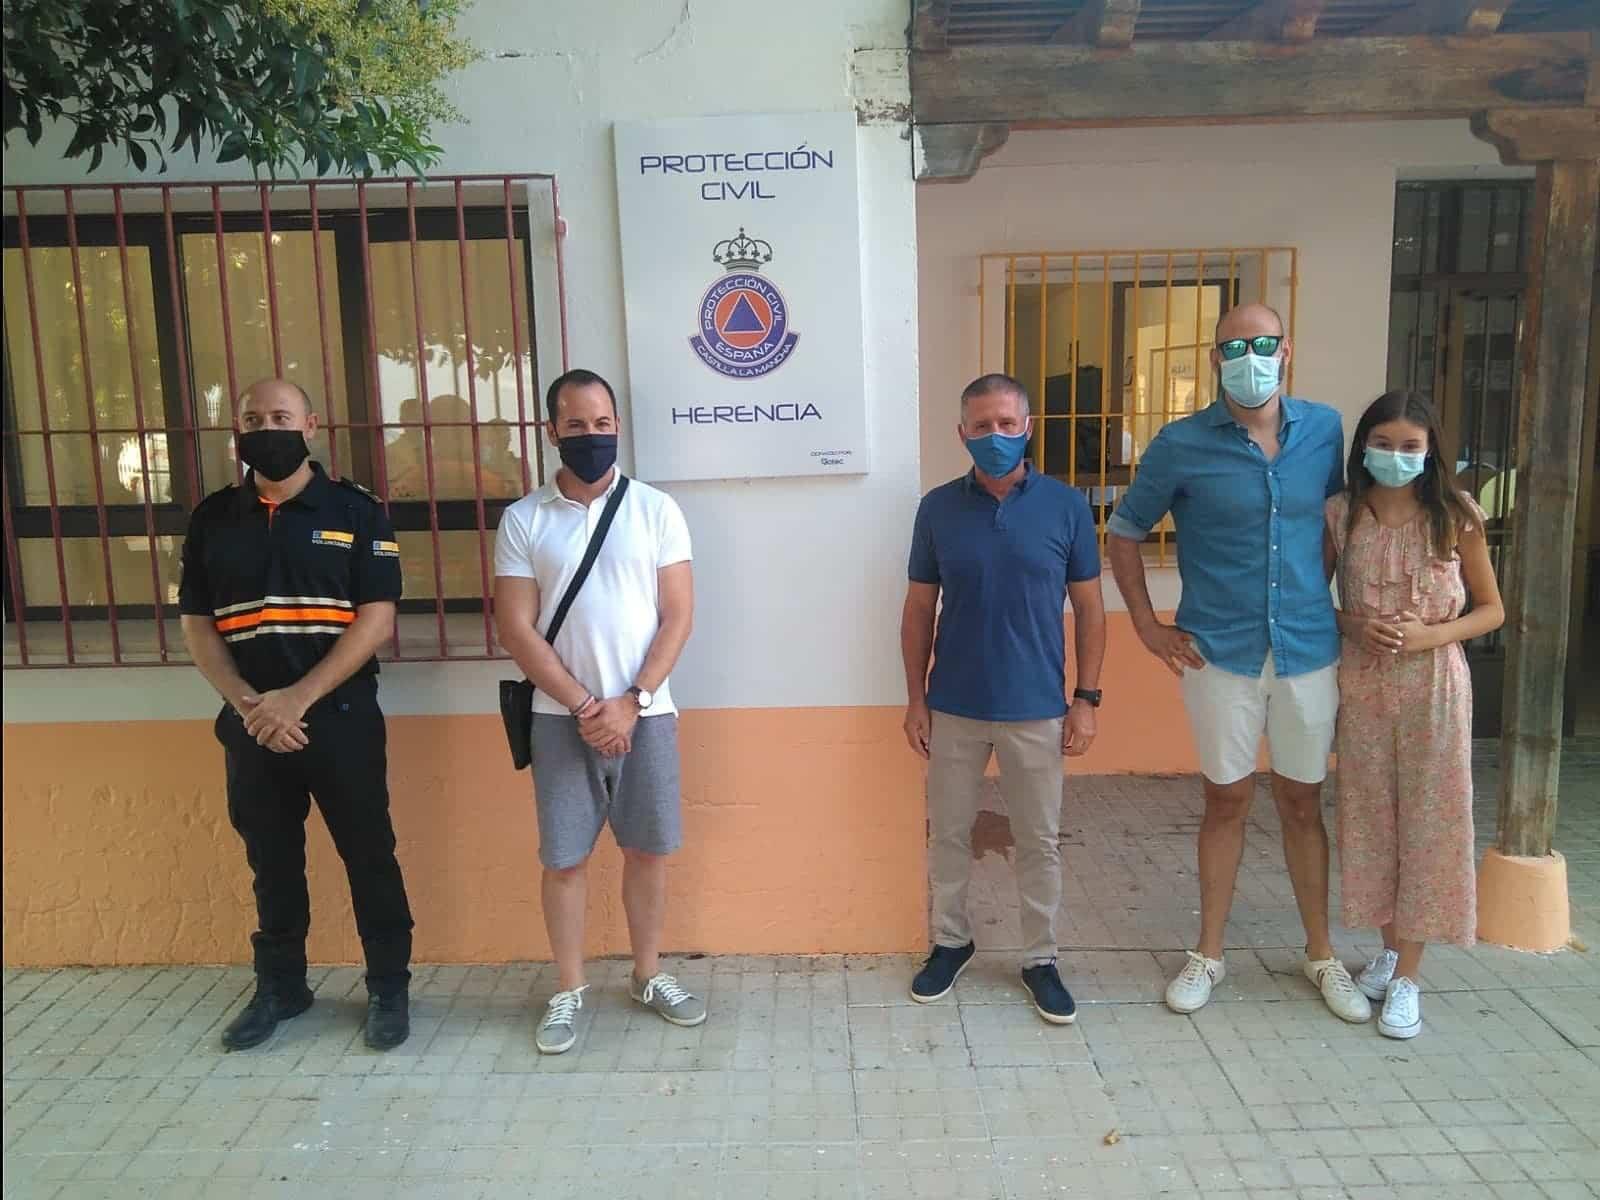 La Agrupación de Voluntarios de Protección Civil inauguró su nueva sede local 8